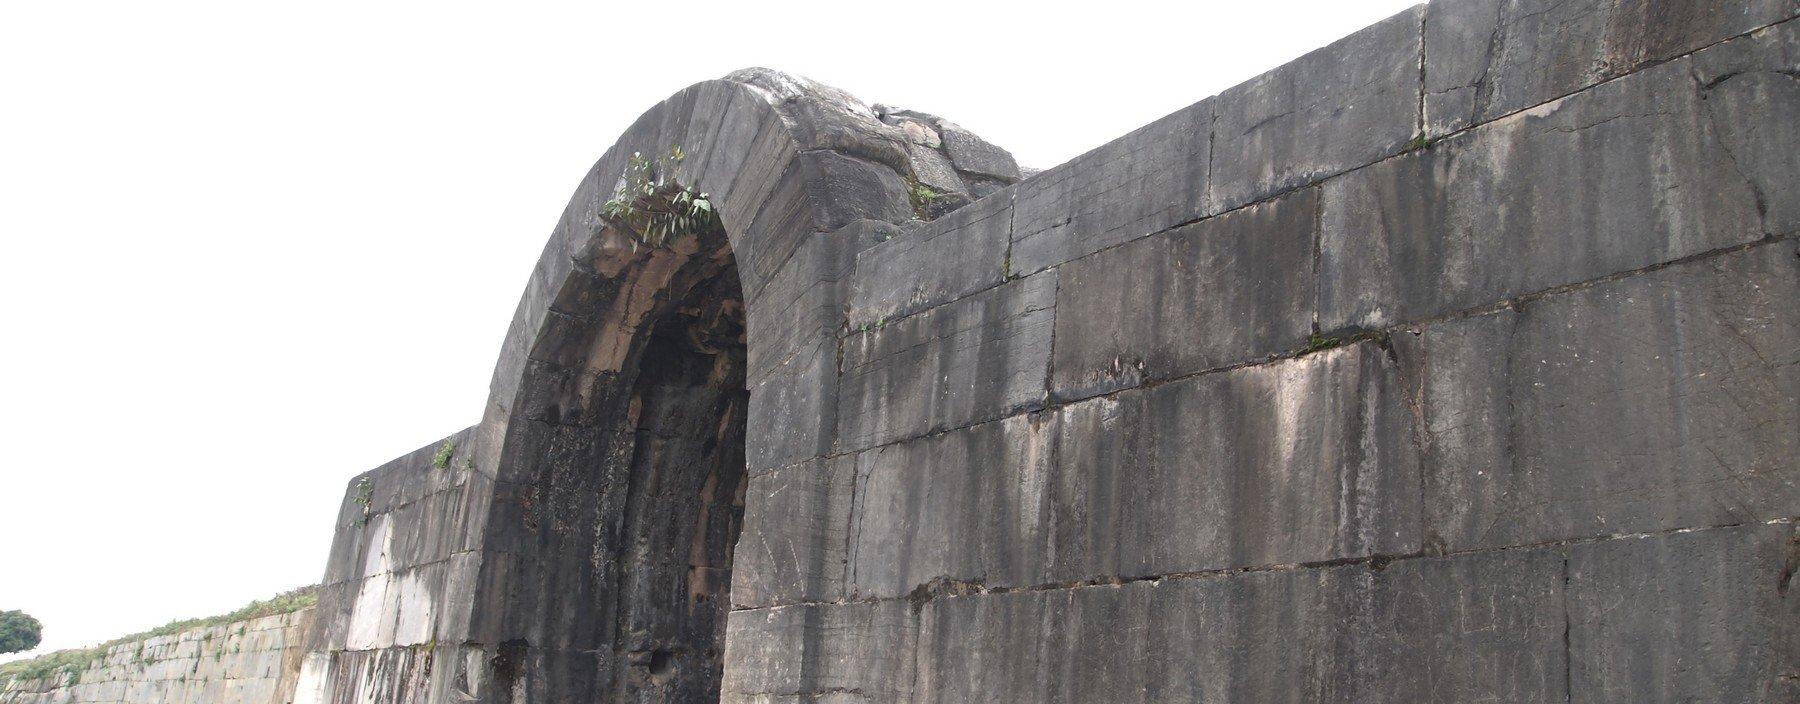 vn, vinh, citadel (1).jpg